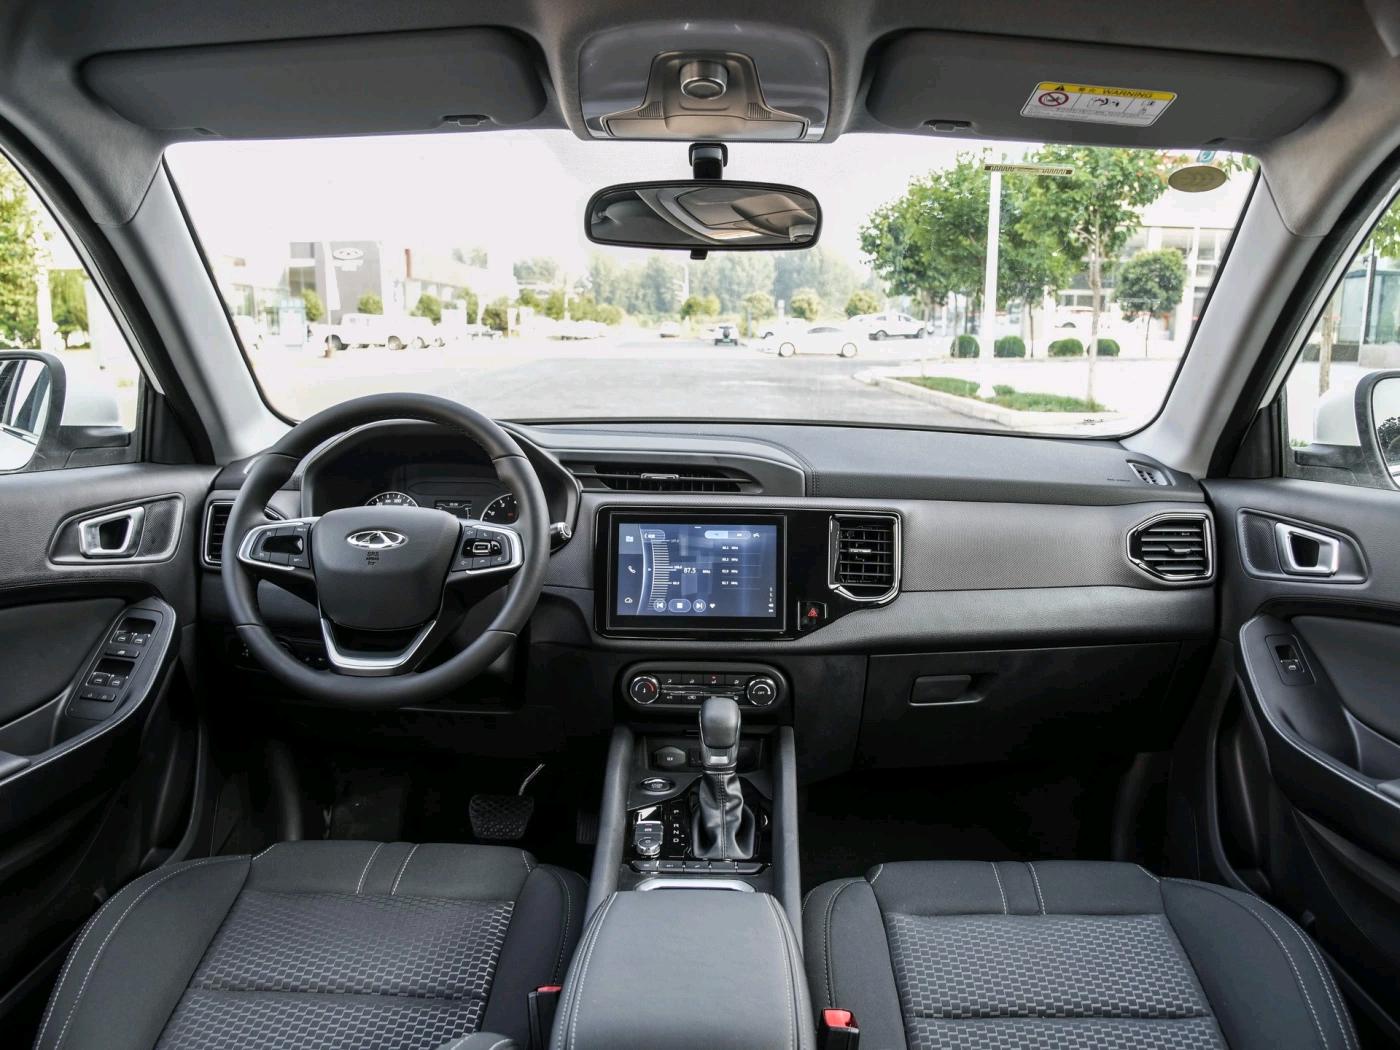 全系标配ESP安全系统,宽1830mm,这款国产小型suv售5.99万起